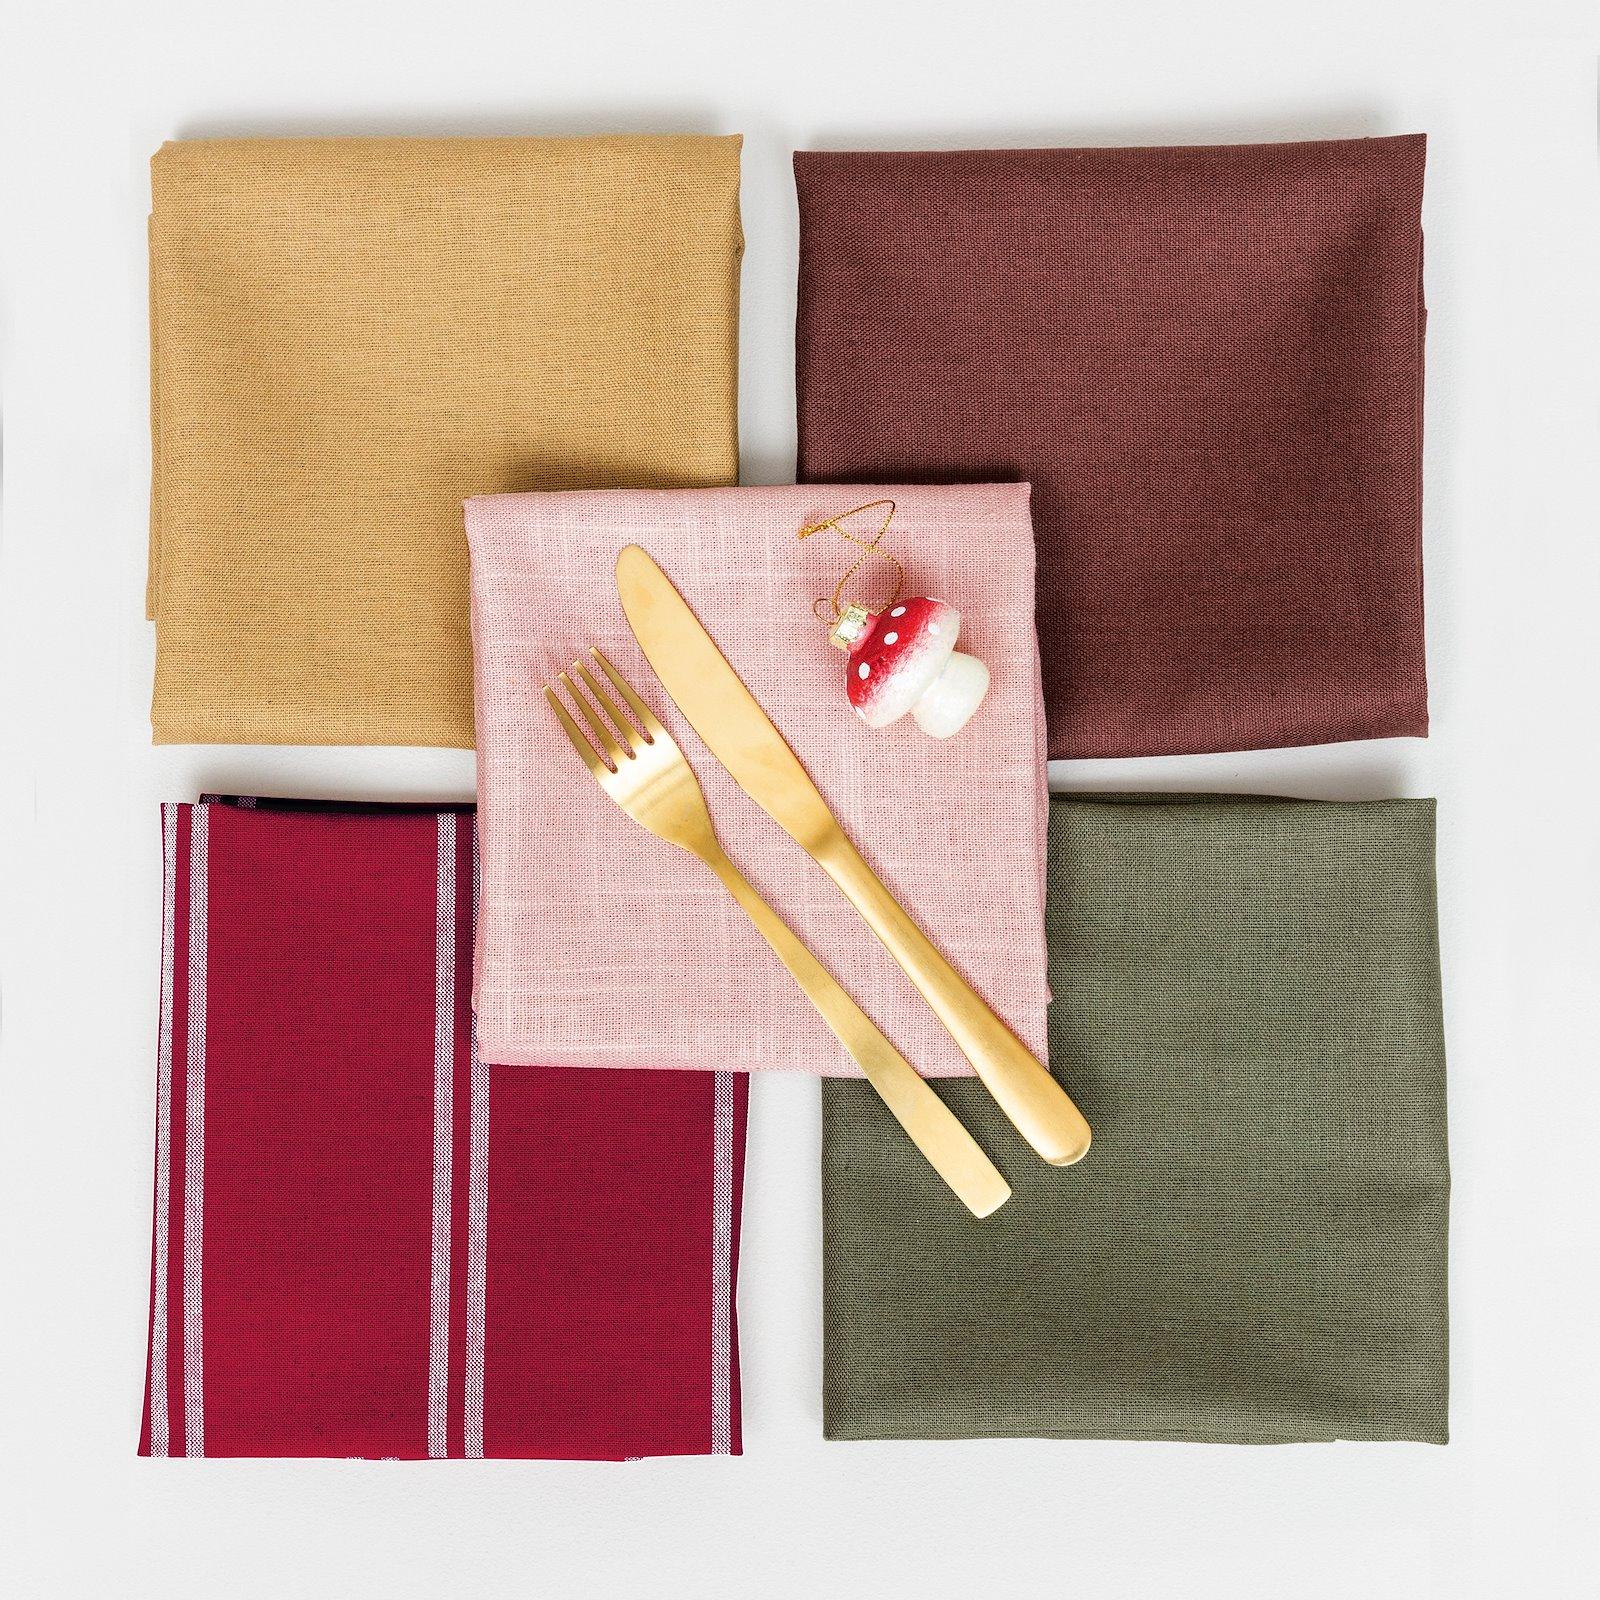 Linen/cotton light dusty olive DIY8003_410144_816257_410146_410145_bundle